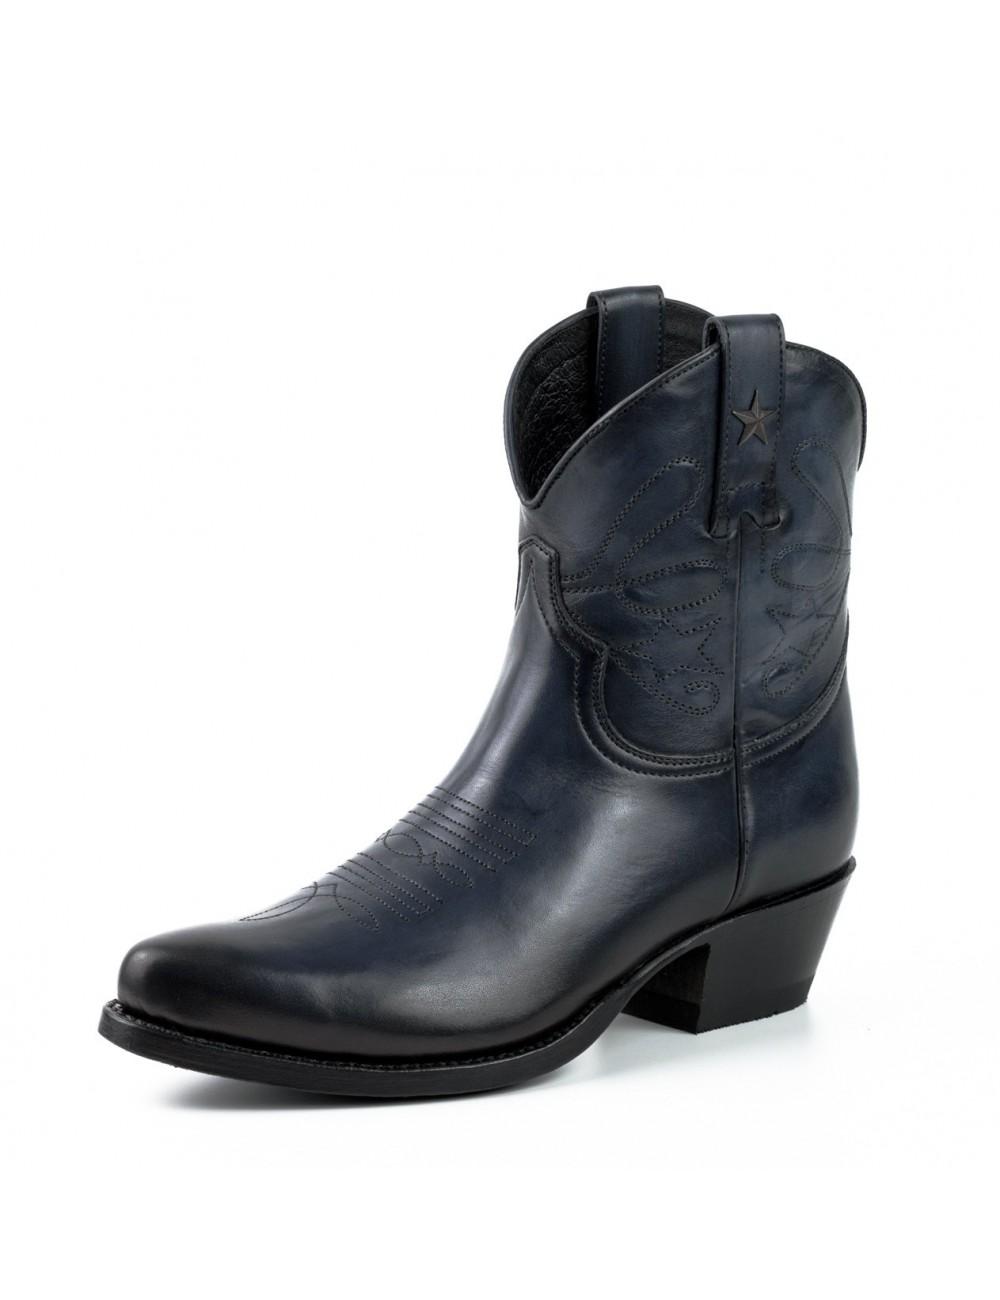 design intemporel 09c95 fd51c Boots cowboy femme bleu marine en cuir